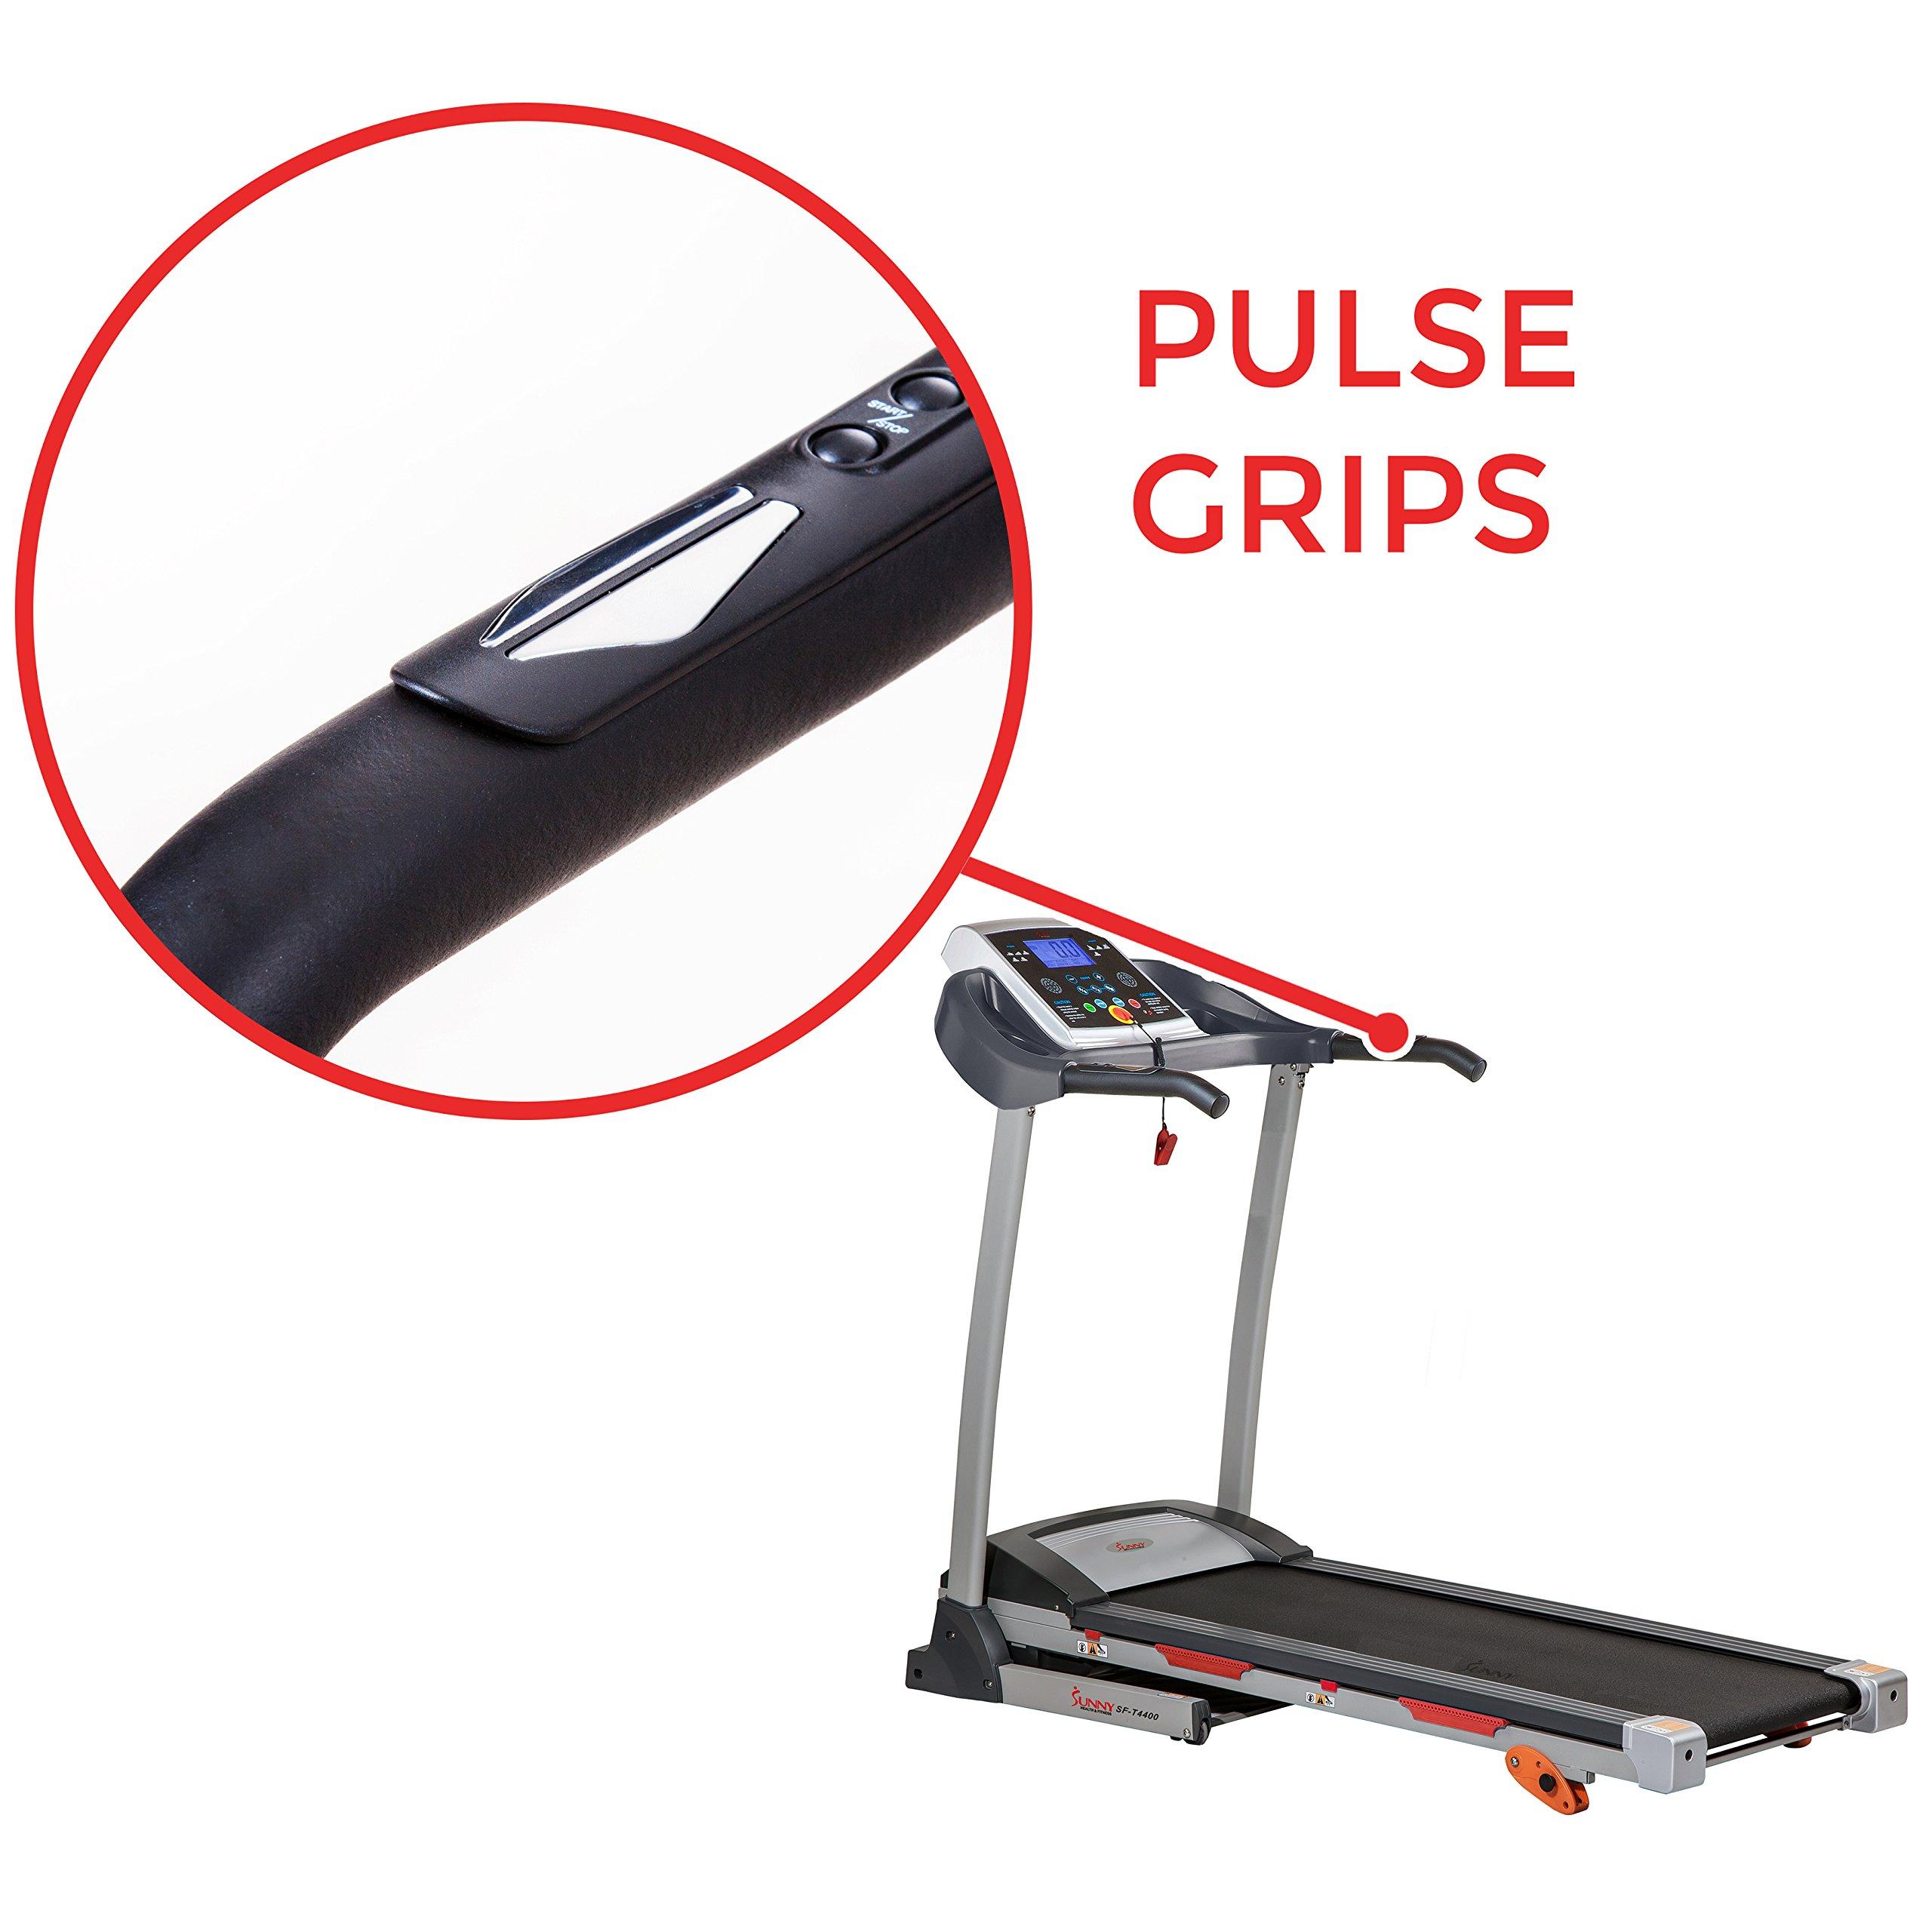 Sunny Health & Fitness Treadmill Folding Motorized Running Machine by Sunny Health & Fitness (Image #4)